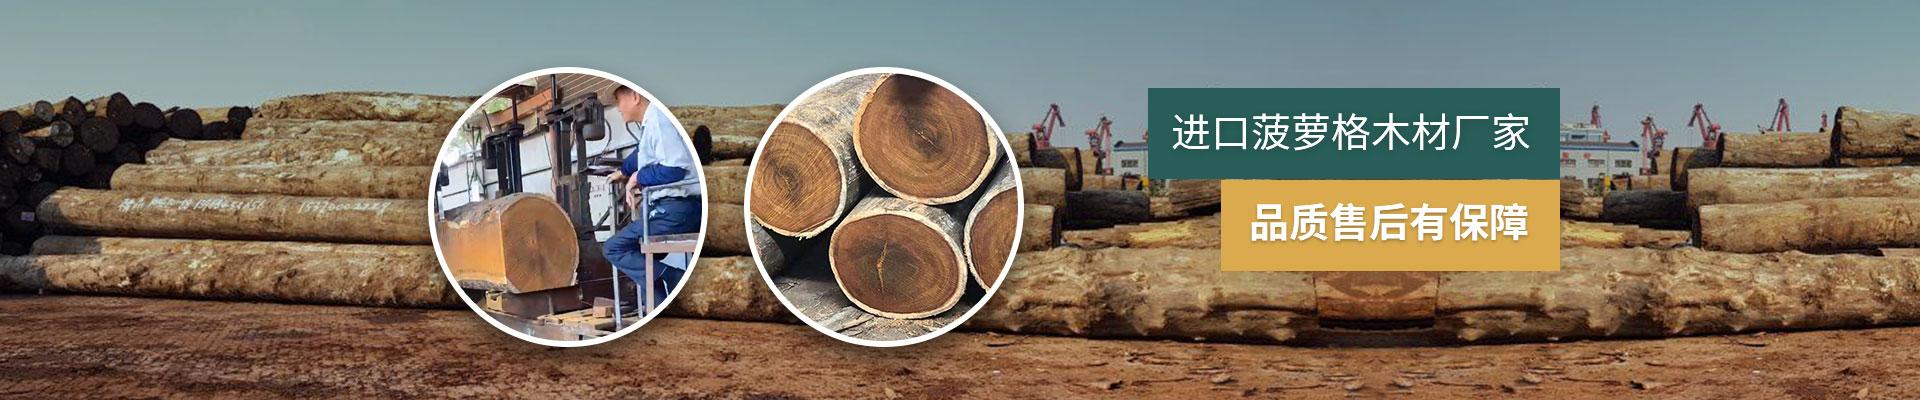 德福林:进口菠萝格木材厂家,品质售后有保障